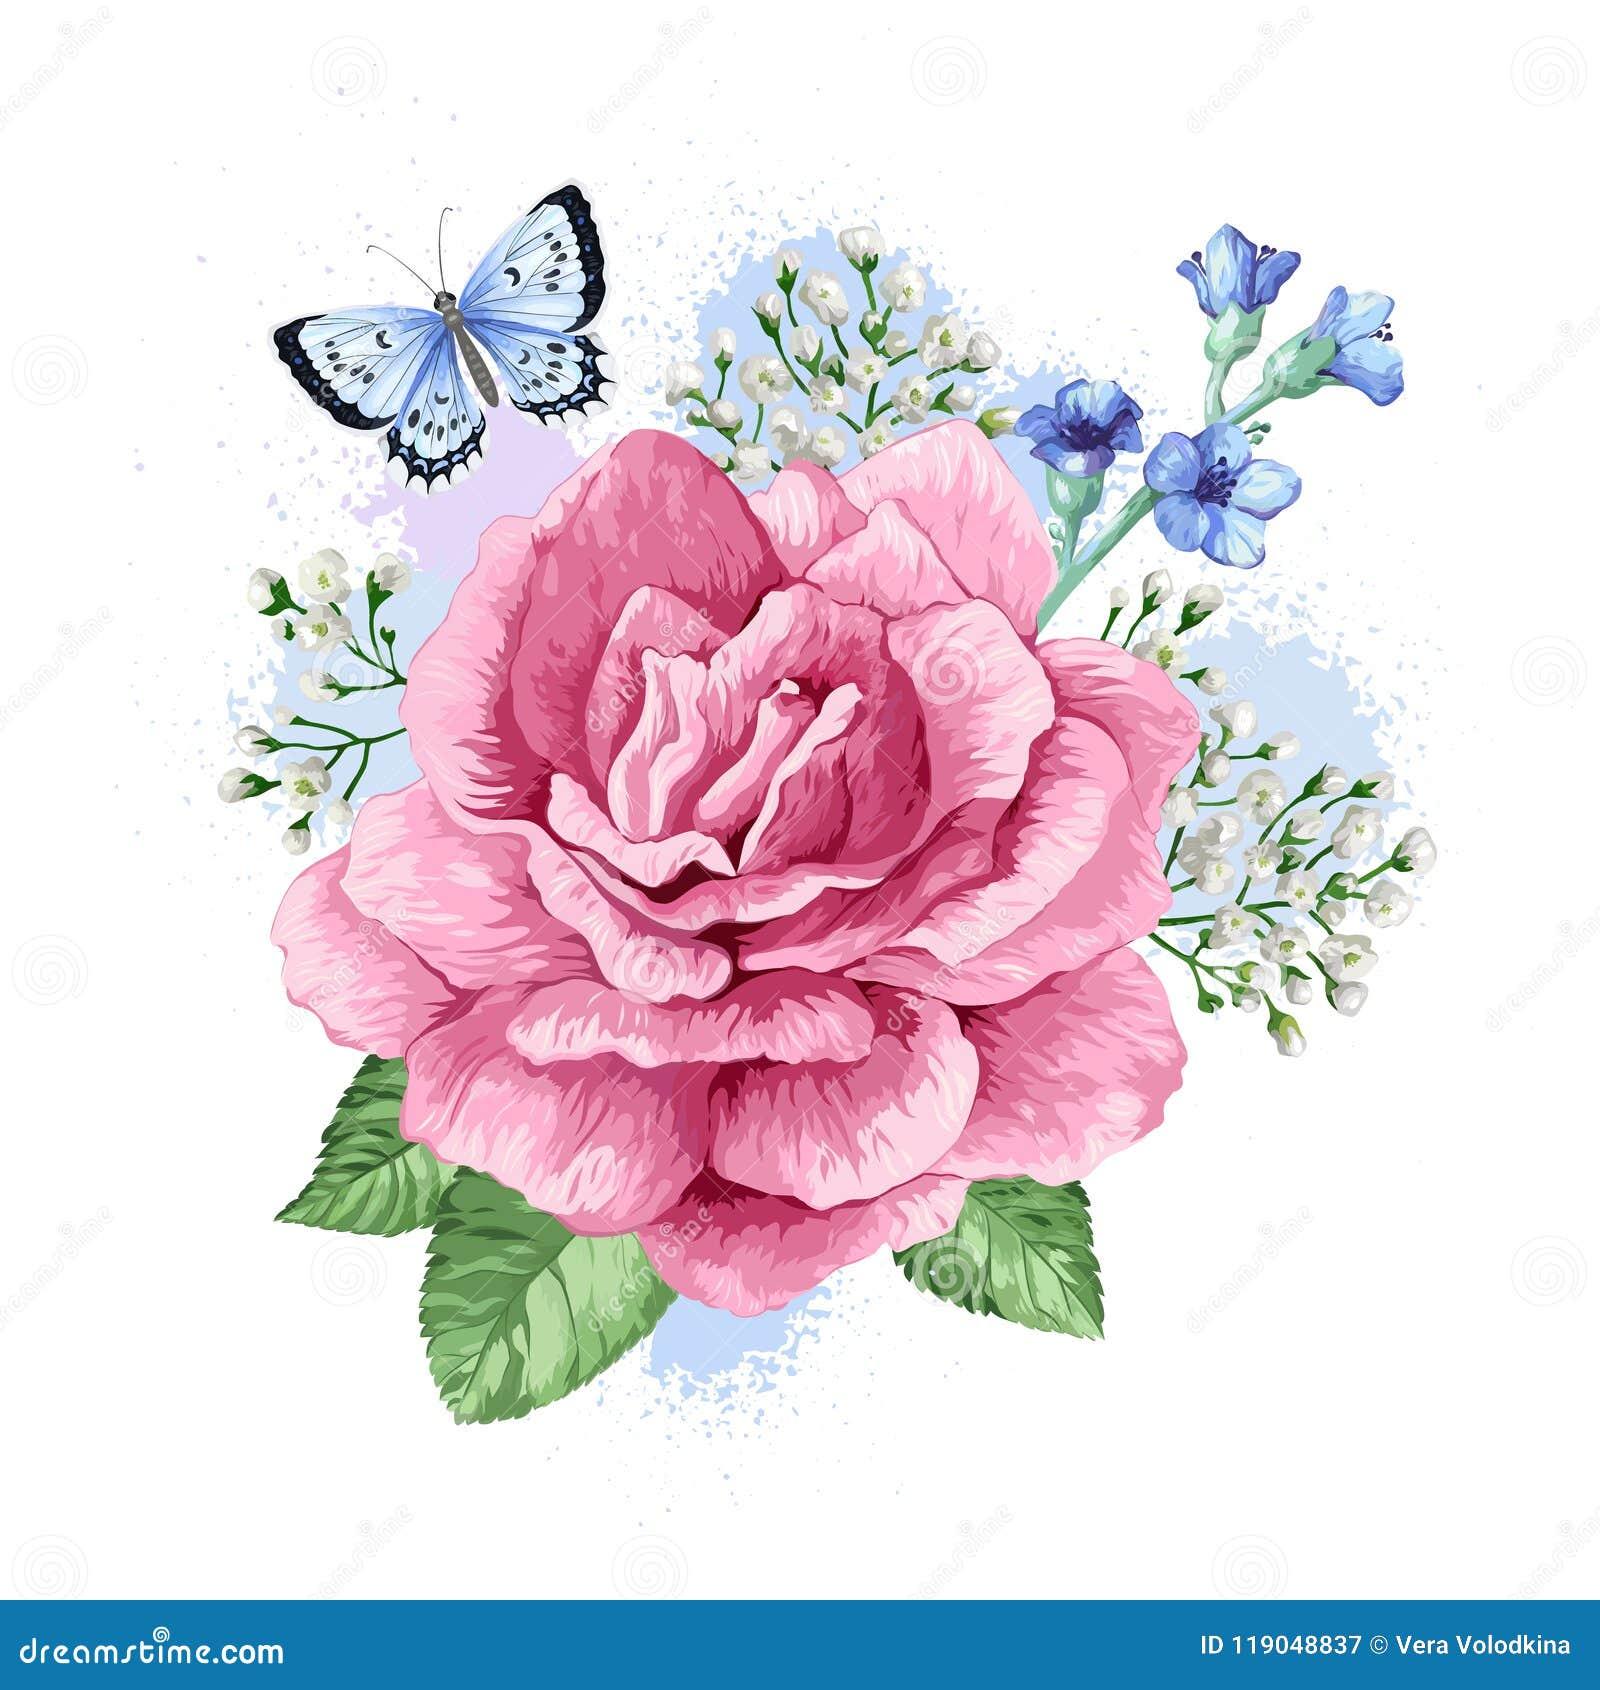 Bouquet of apple tree flower gypsophila in watercolor style download bouquet of apple tree flower gypsophila in watercolor style isolated on white background m4hsunfo